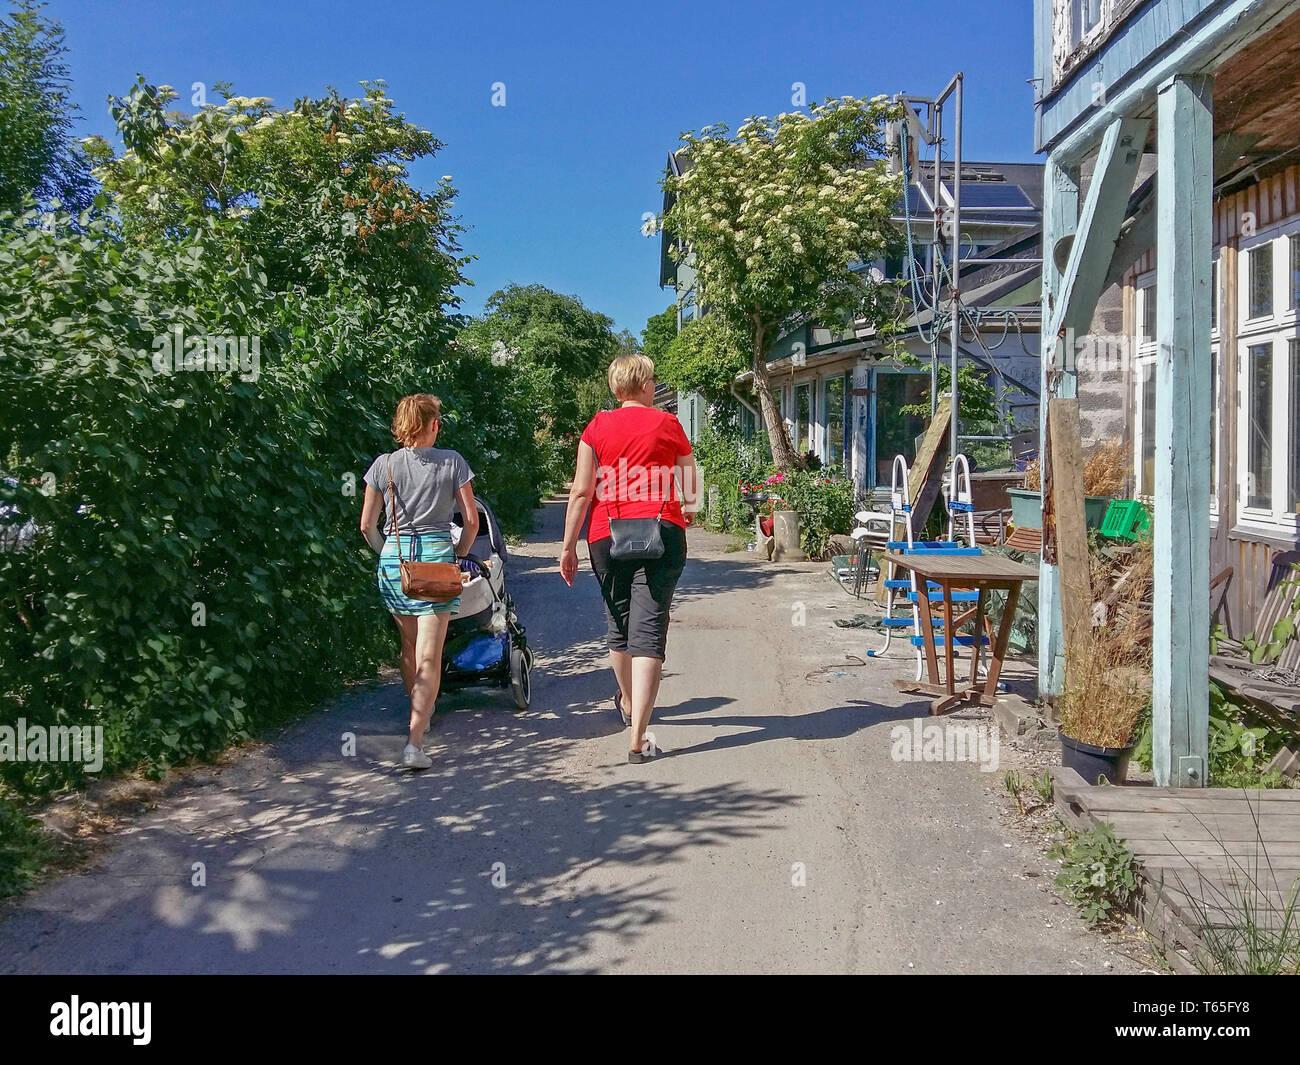 Christiania o Freetown Christiania autoproclamado barrio autónomo en 1971, cubriendo 34 hectáreas en el barrio de Christianshavn El situat Foto de stock